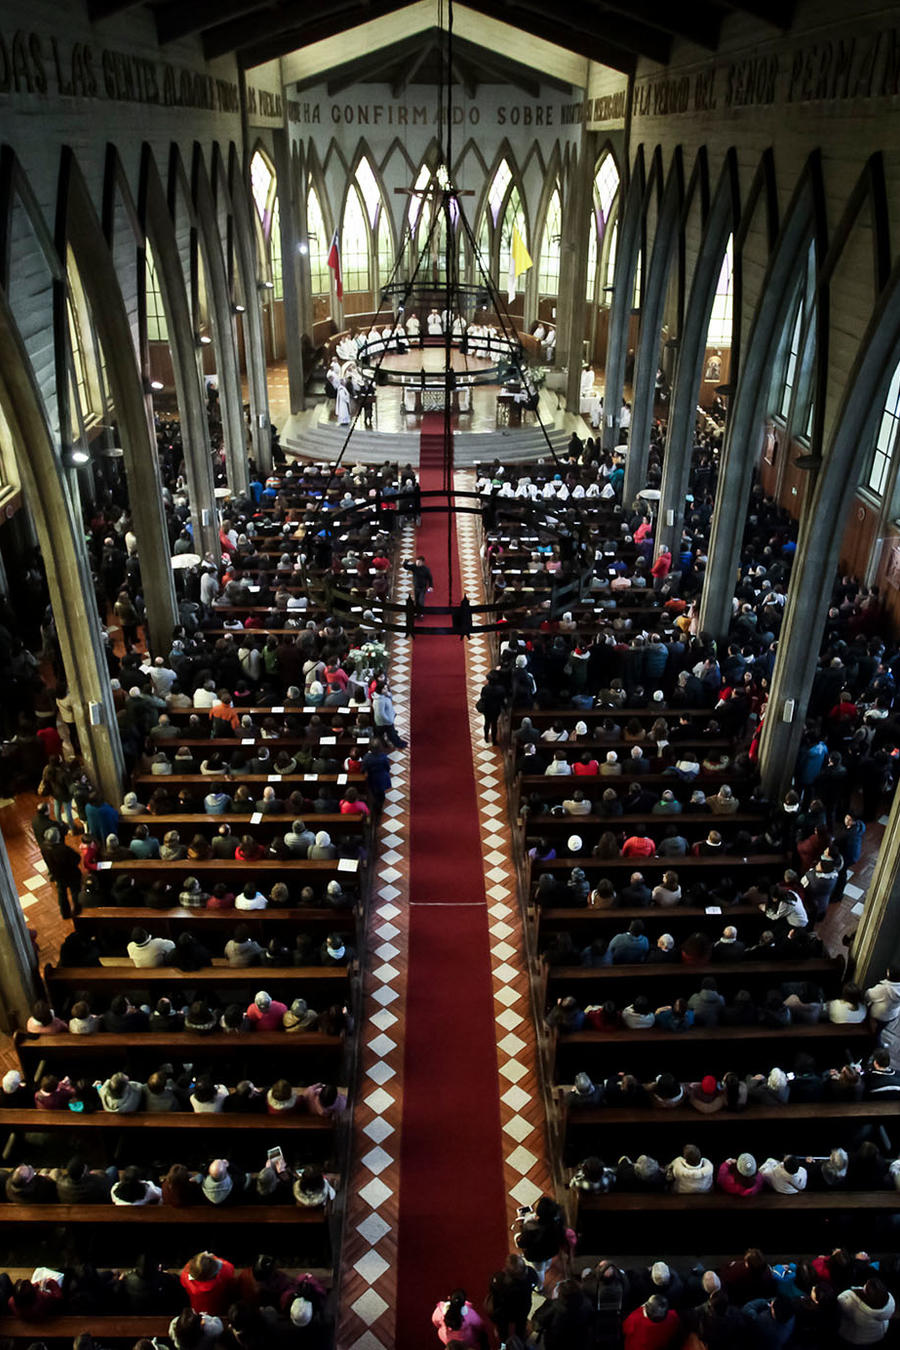 iglesia_chile.jpg